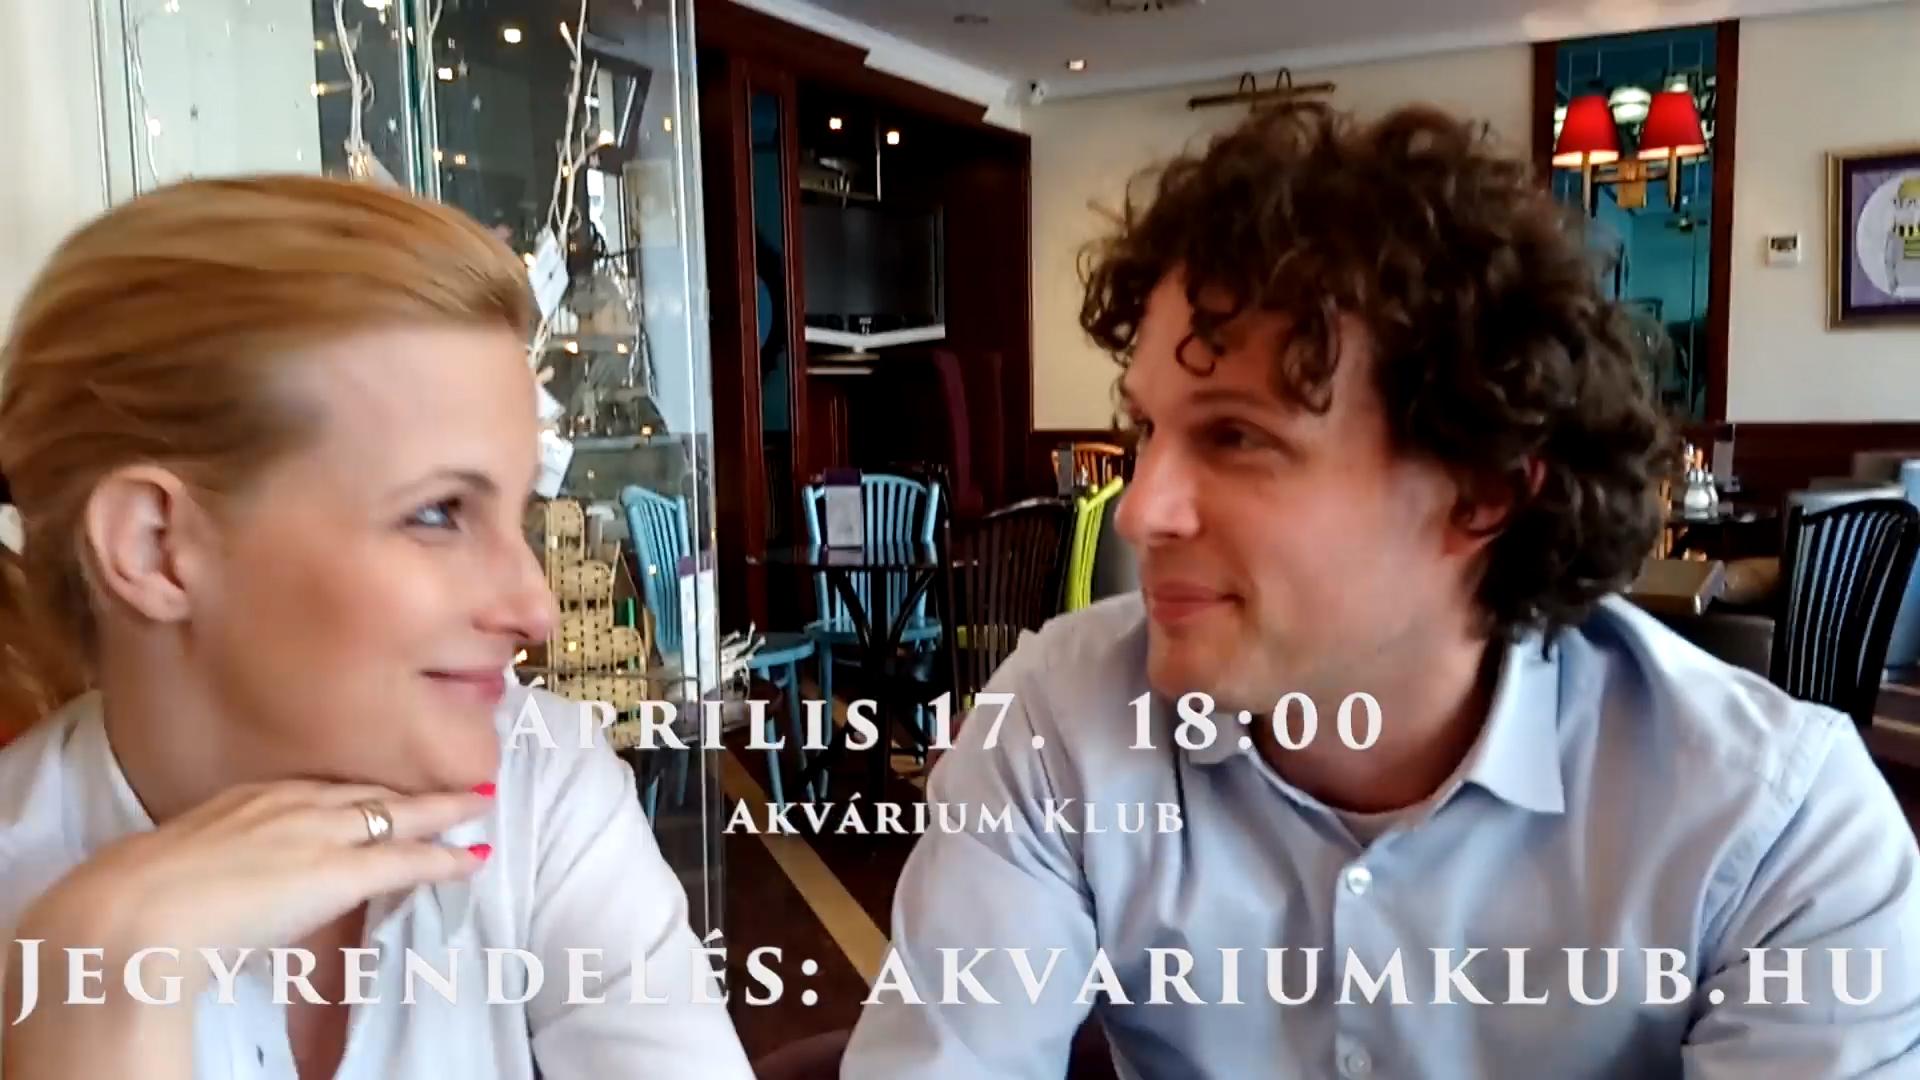 7673b0733c A beszédes fotókon Andrea mellett a párkapcsolati problémák, szakítások (!)  elismert szaktekintélye, Gaál Viktor látható. Aki többek számára ismerős  lehet, ...